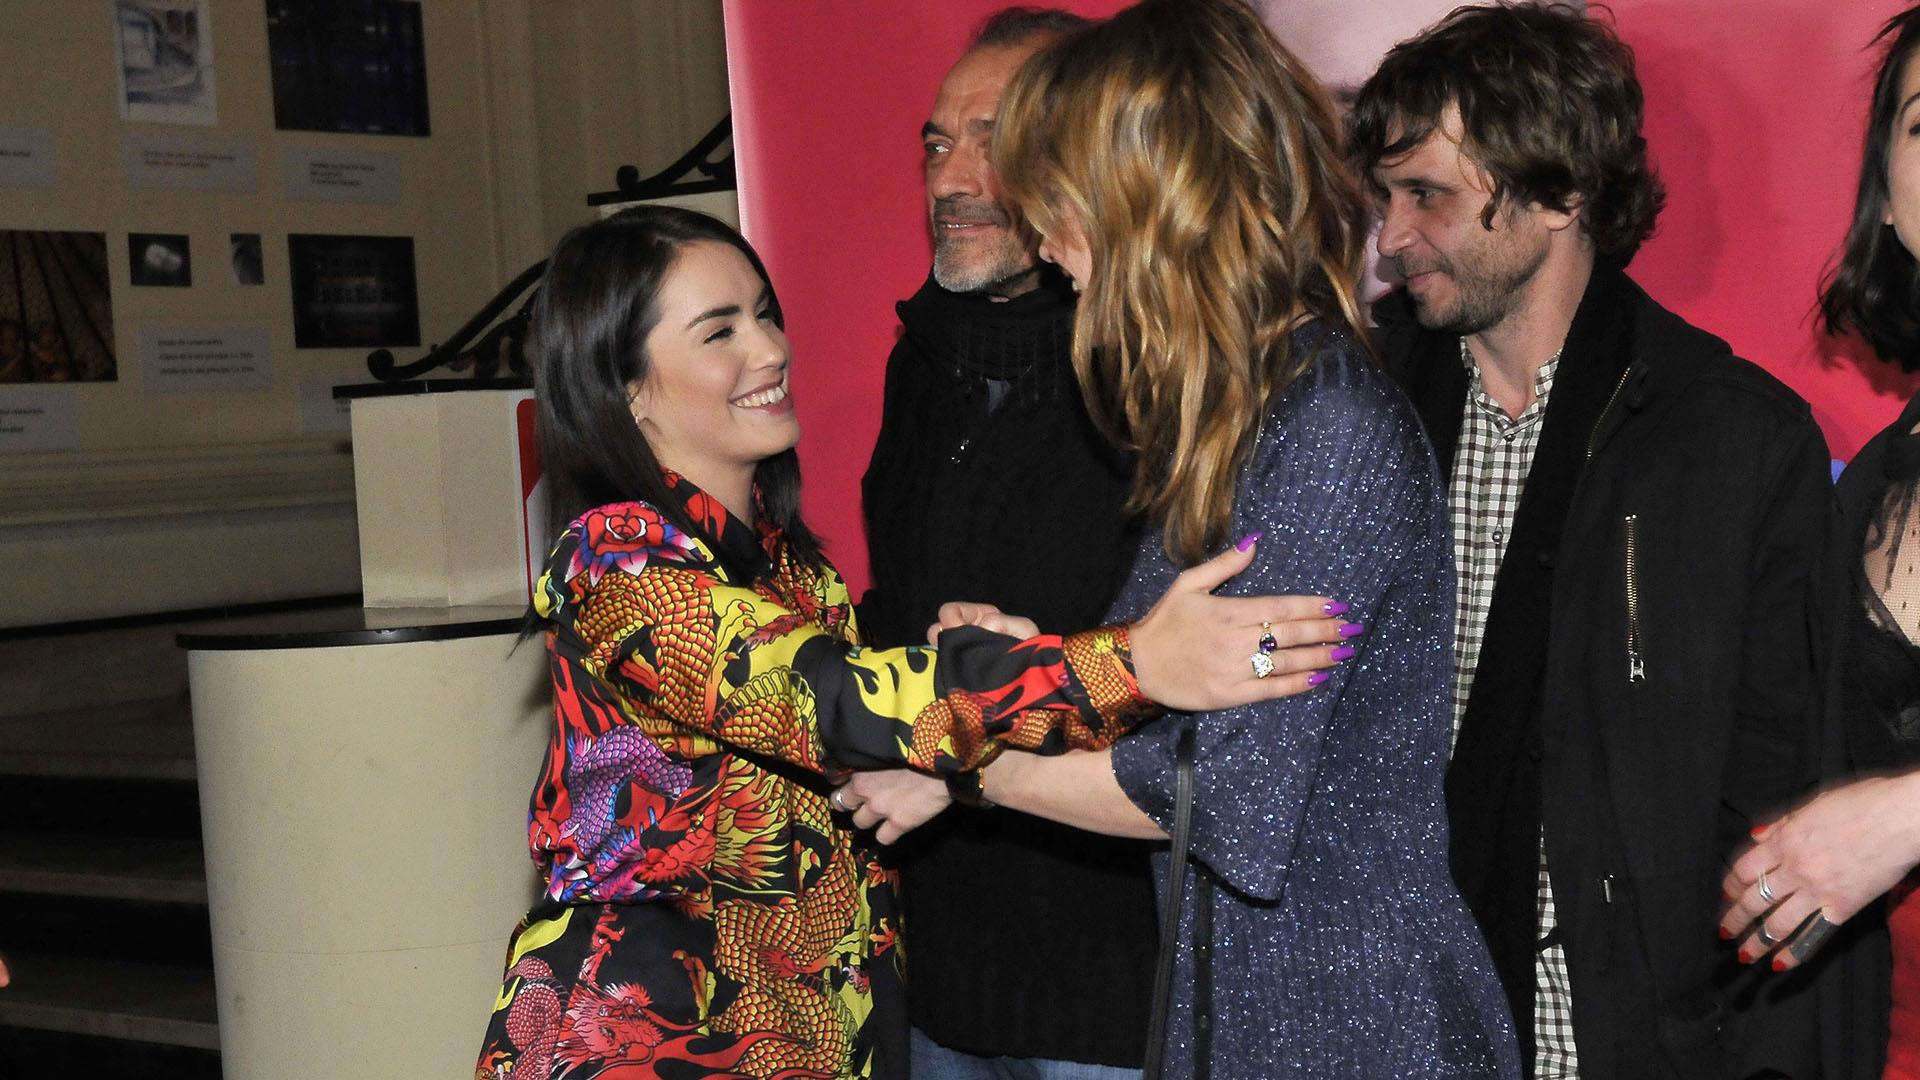 Con una sonrisa, Mariana despidió a Dolores (Fotos: Darío Batallan / Teleshow)